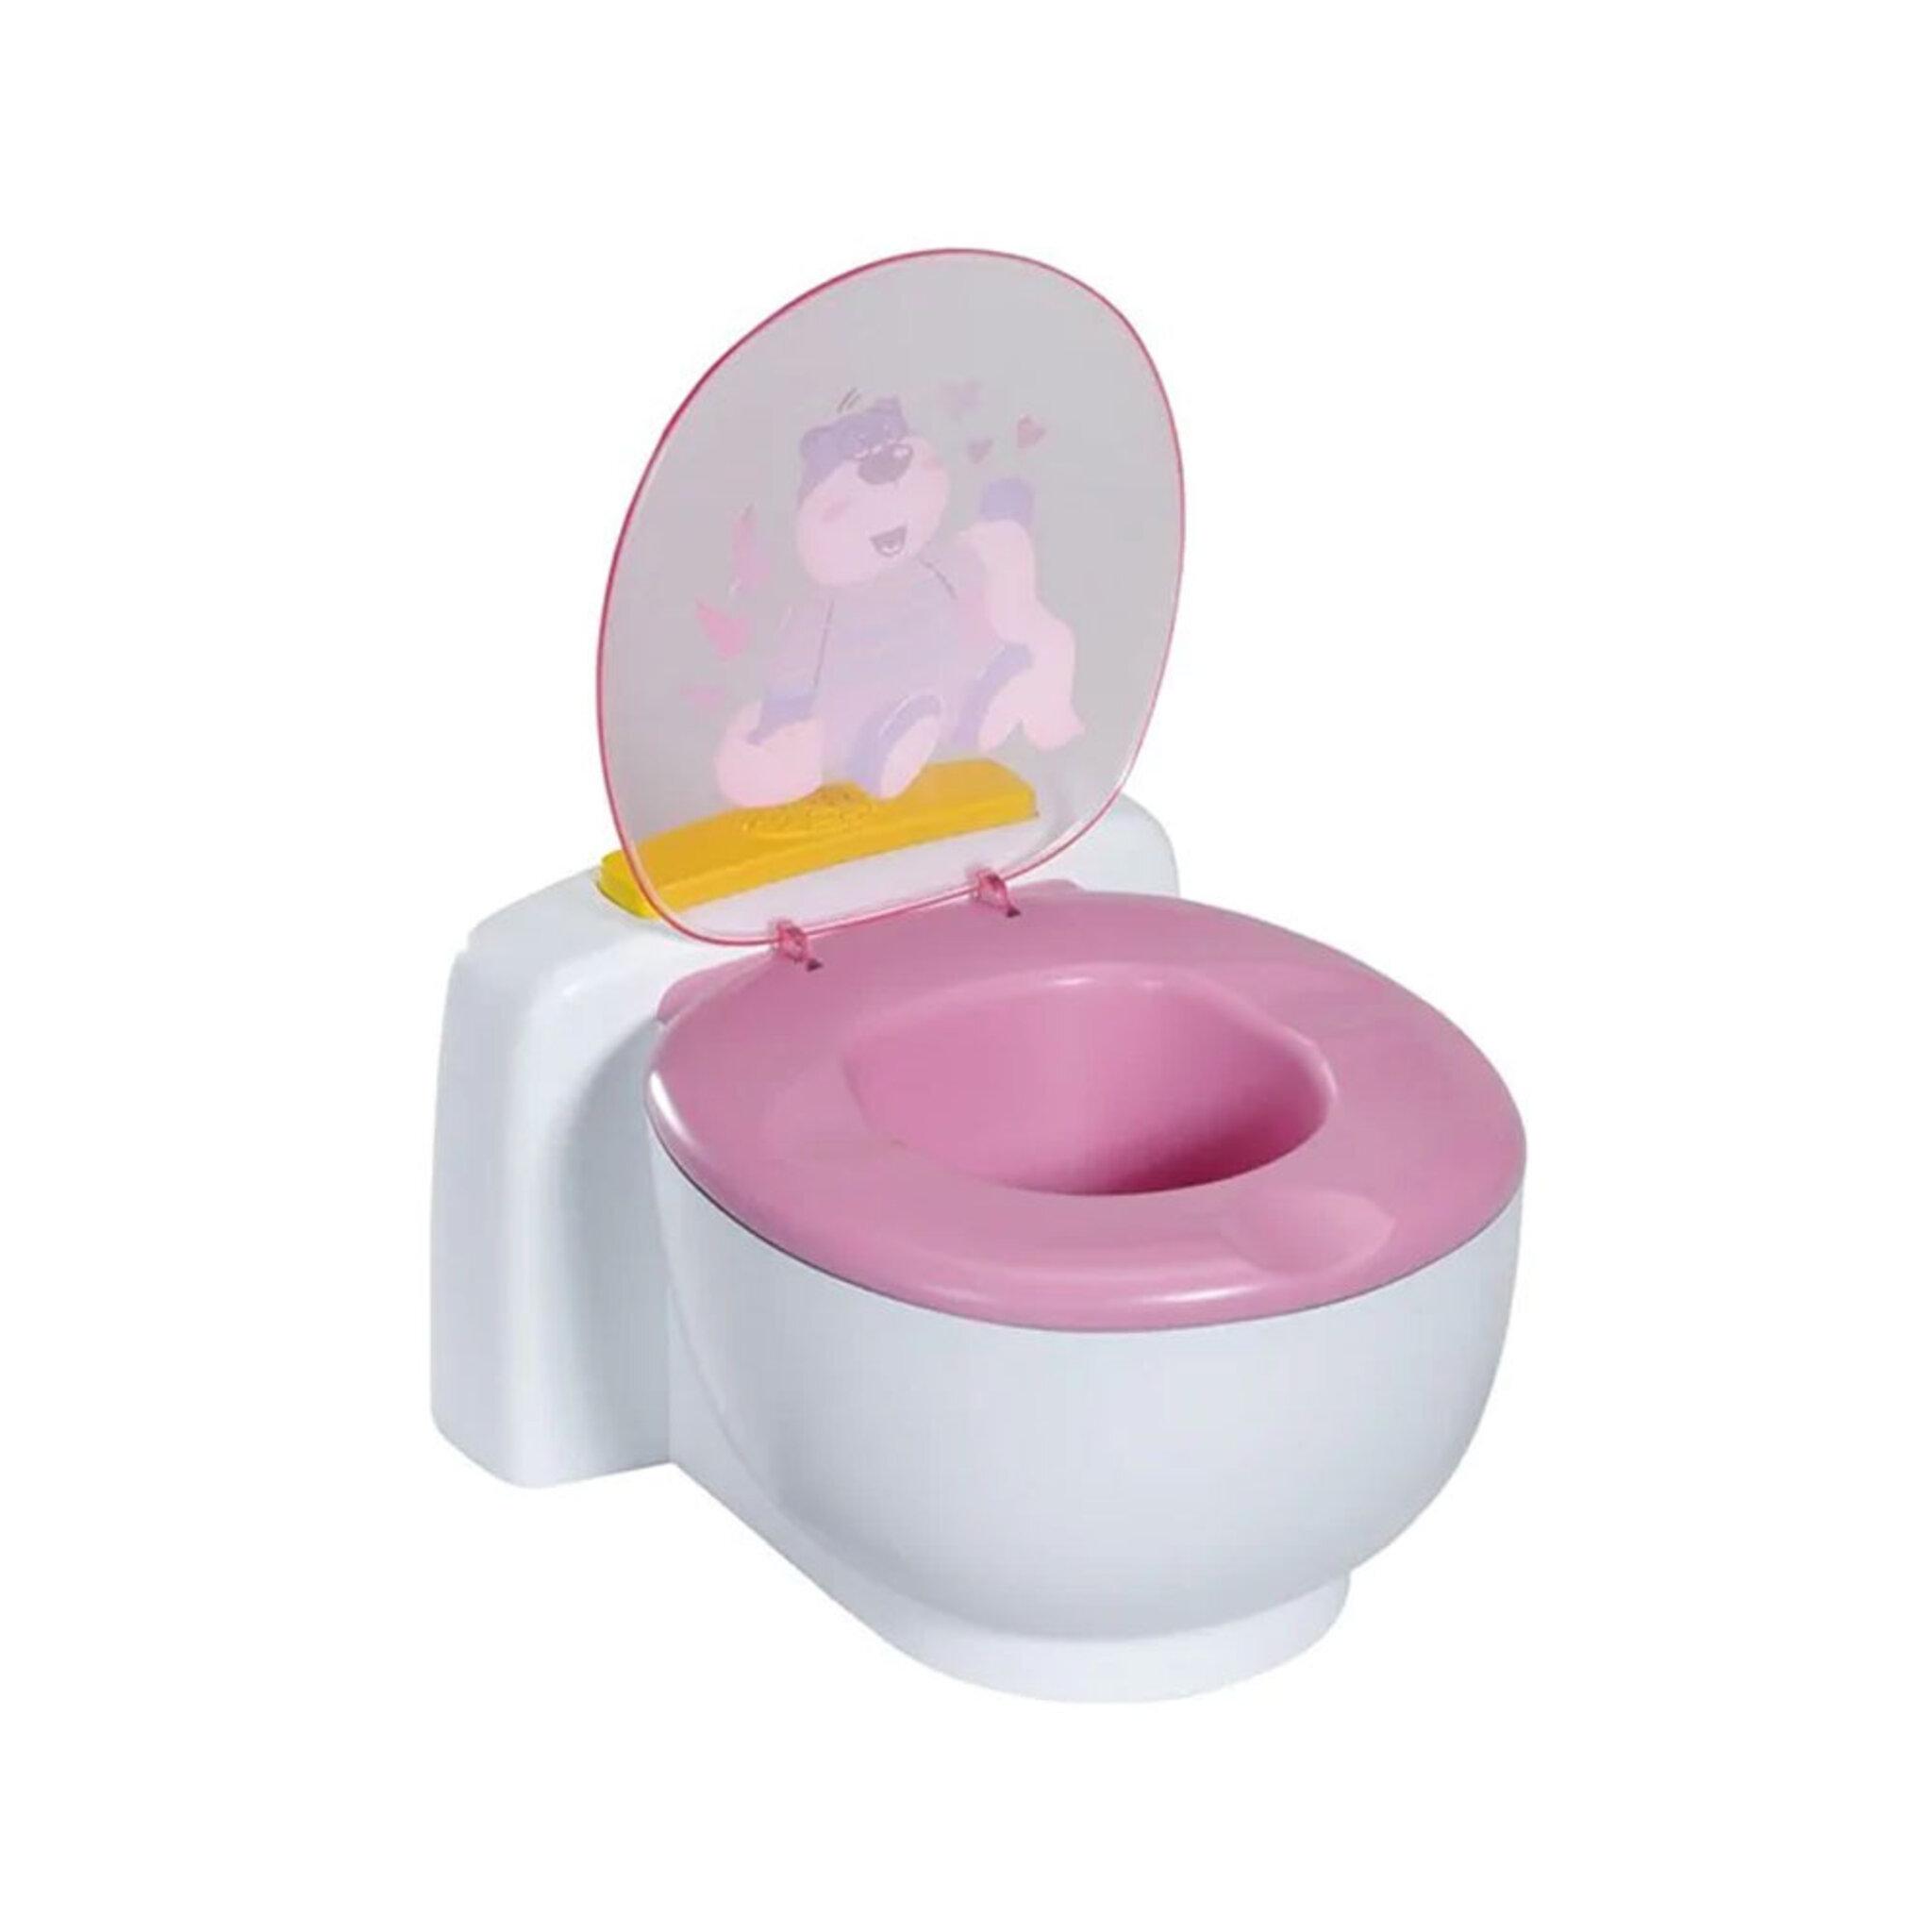 Poo-Poo Toilet